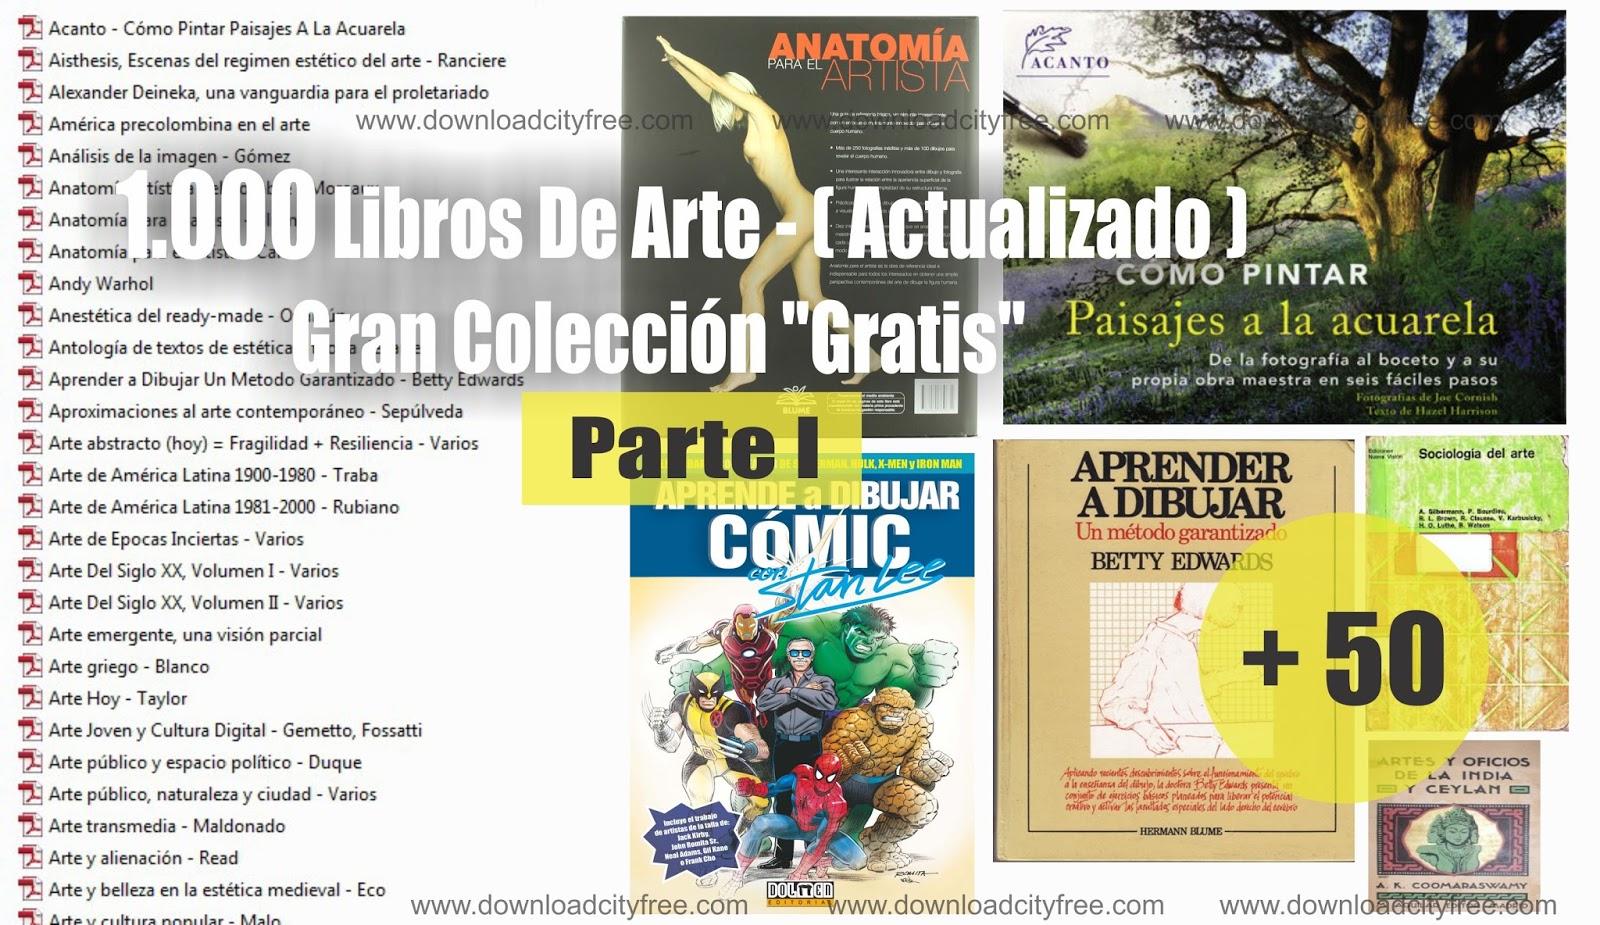 1.000 Libros De Arte - ( Actualizado ) [Parte I] Gran Colección ...